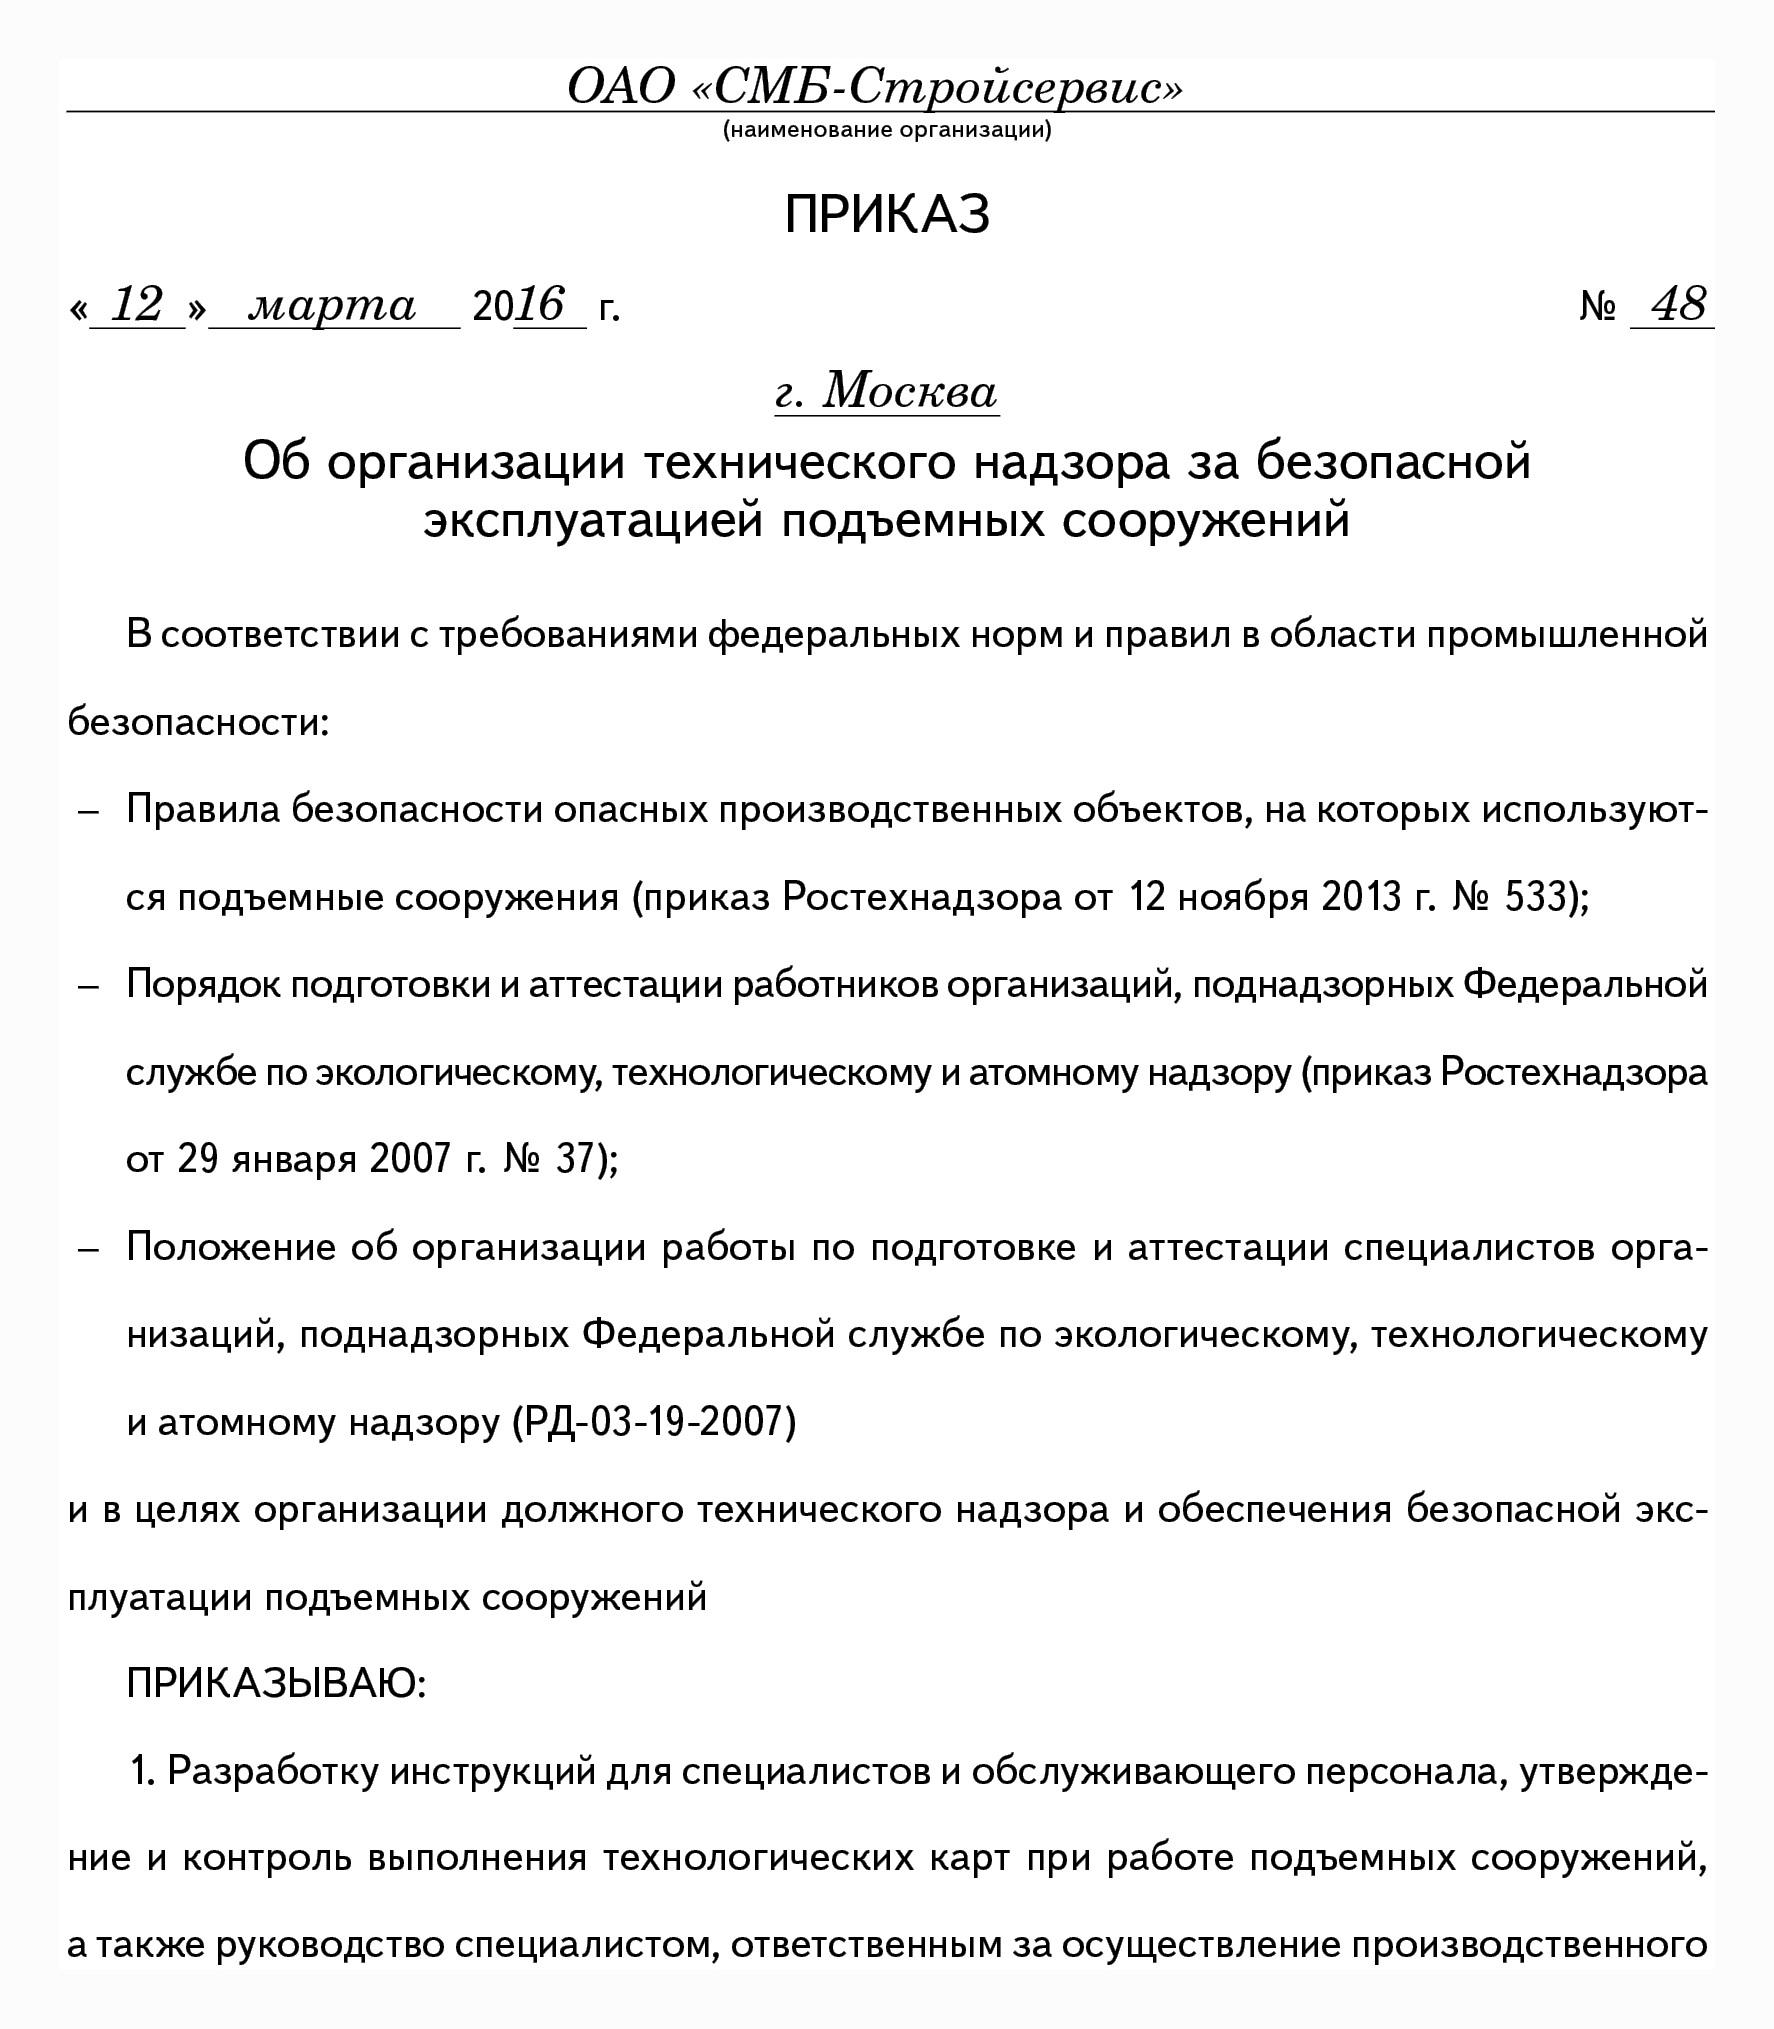 Переименование бюджетного учреждения пошаговая инструкция